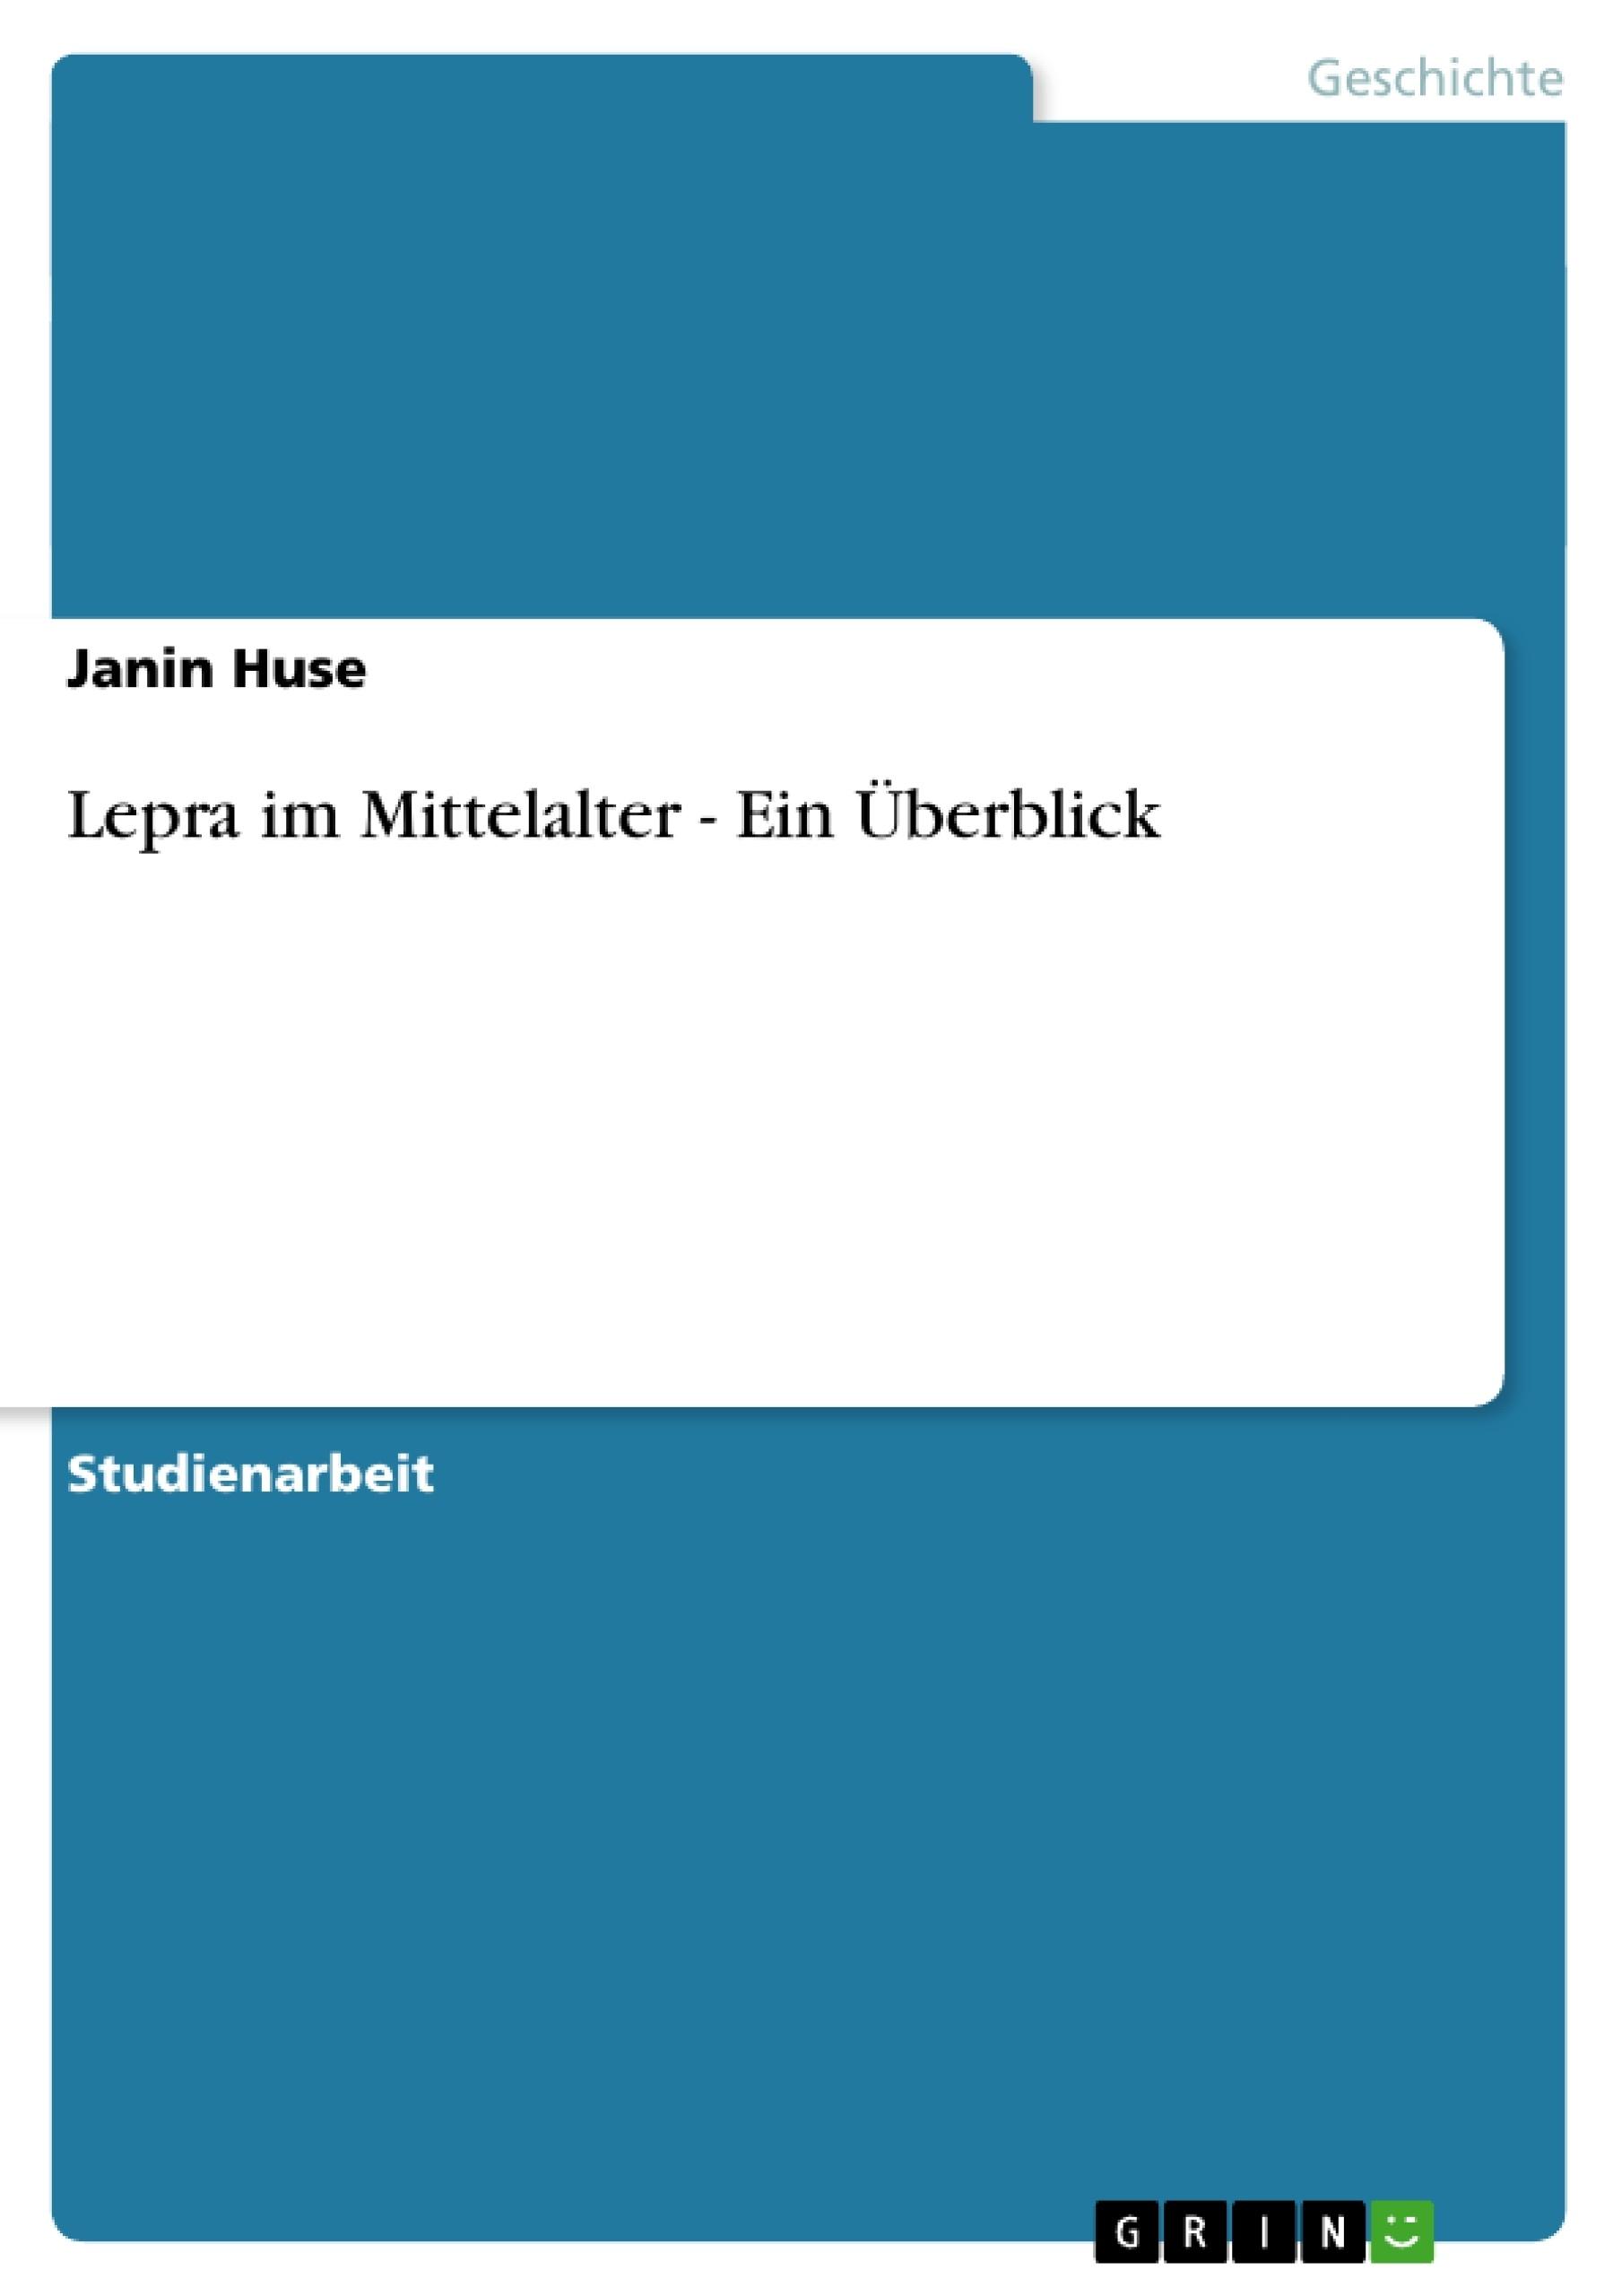 Titel: Lepra im Mittelalter - Ein Überblick